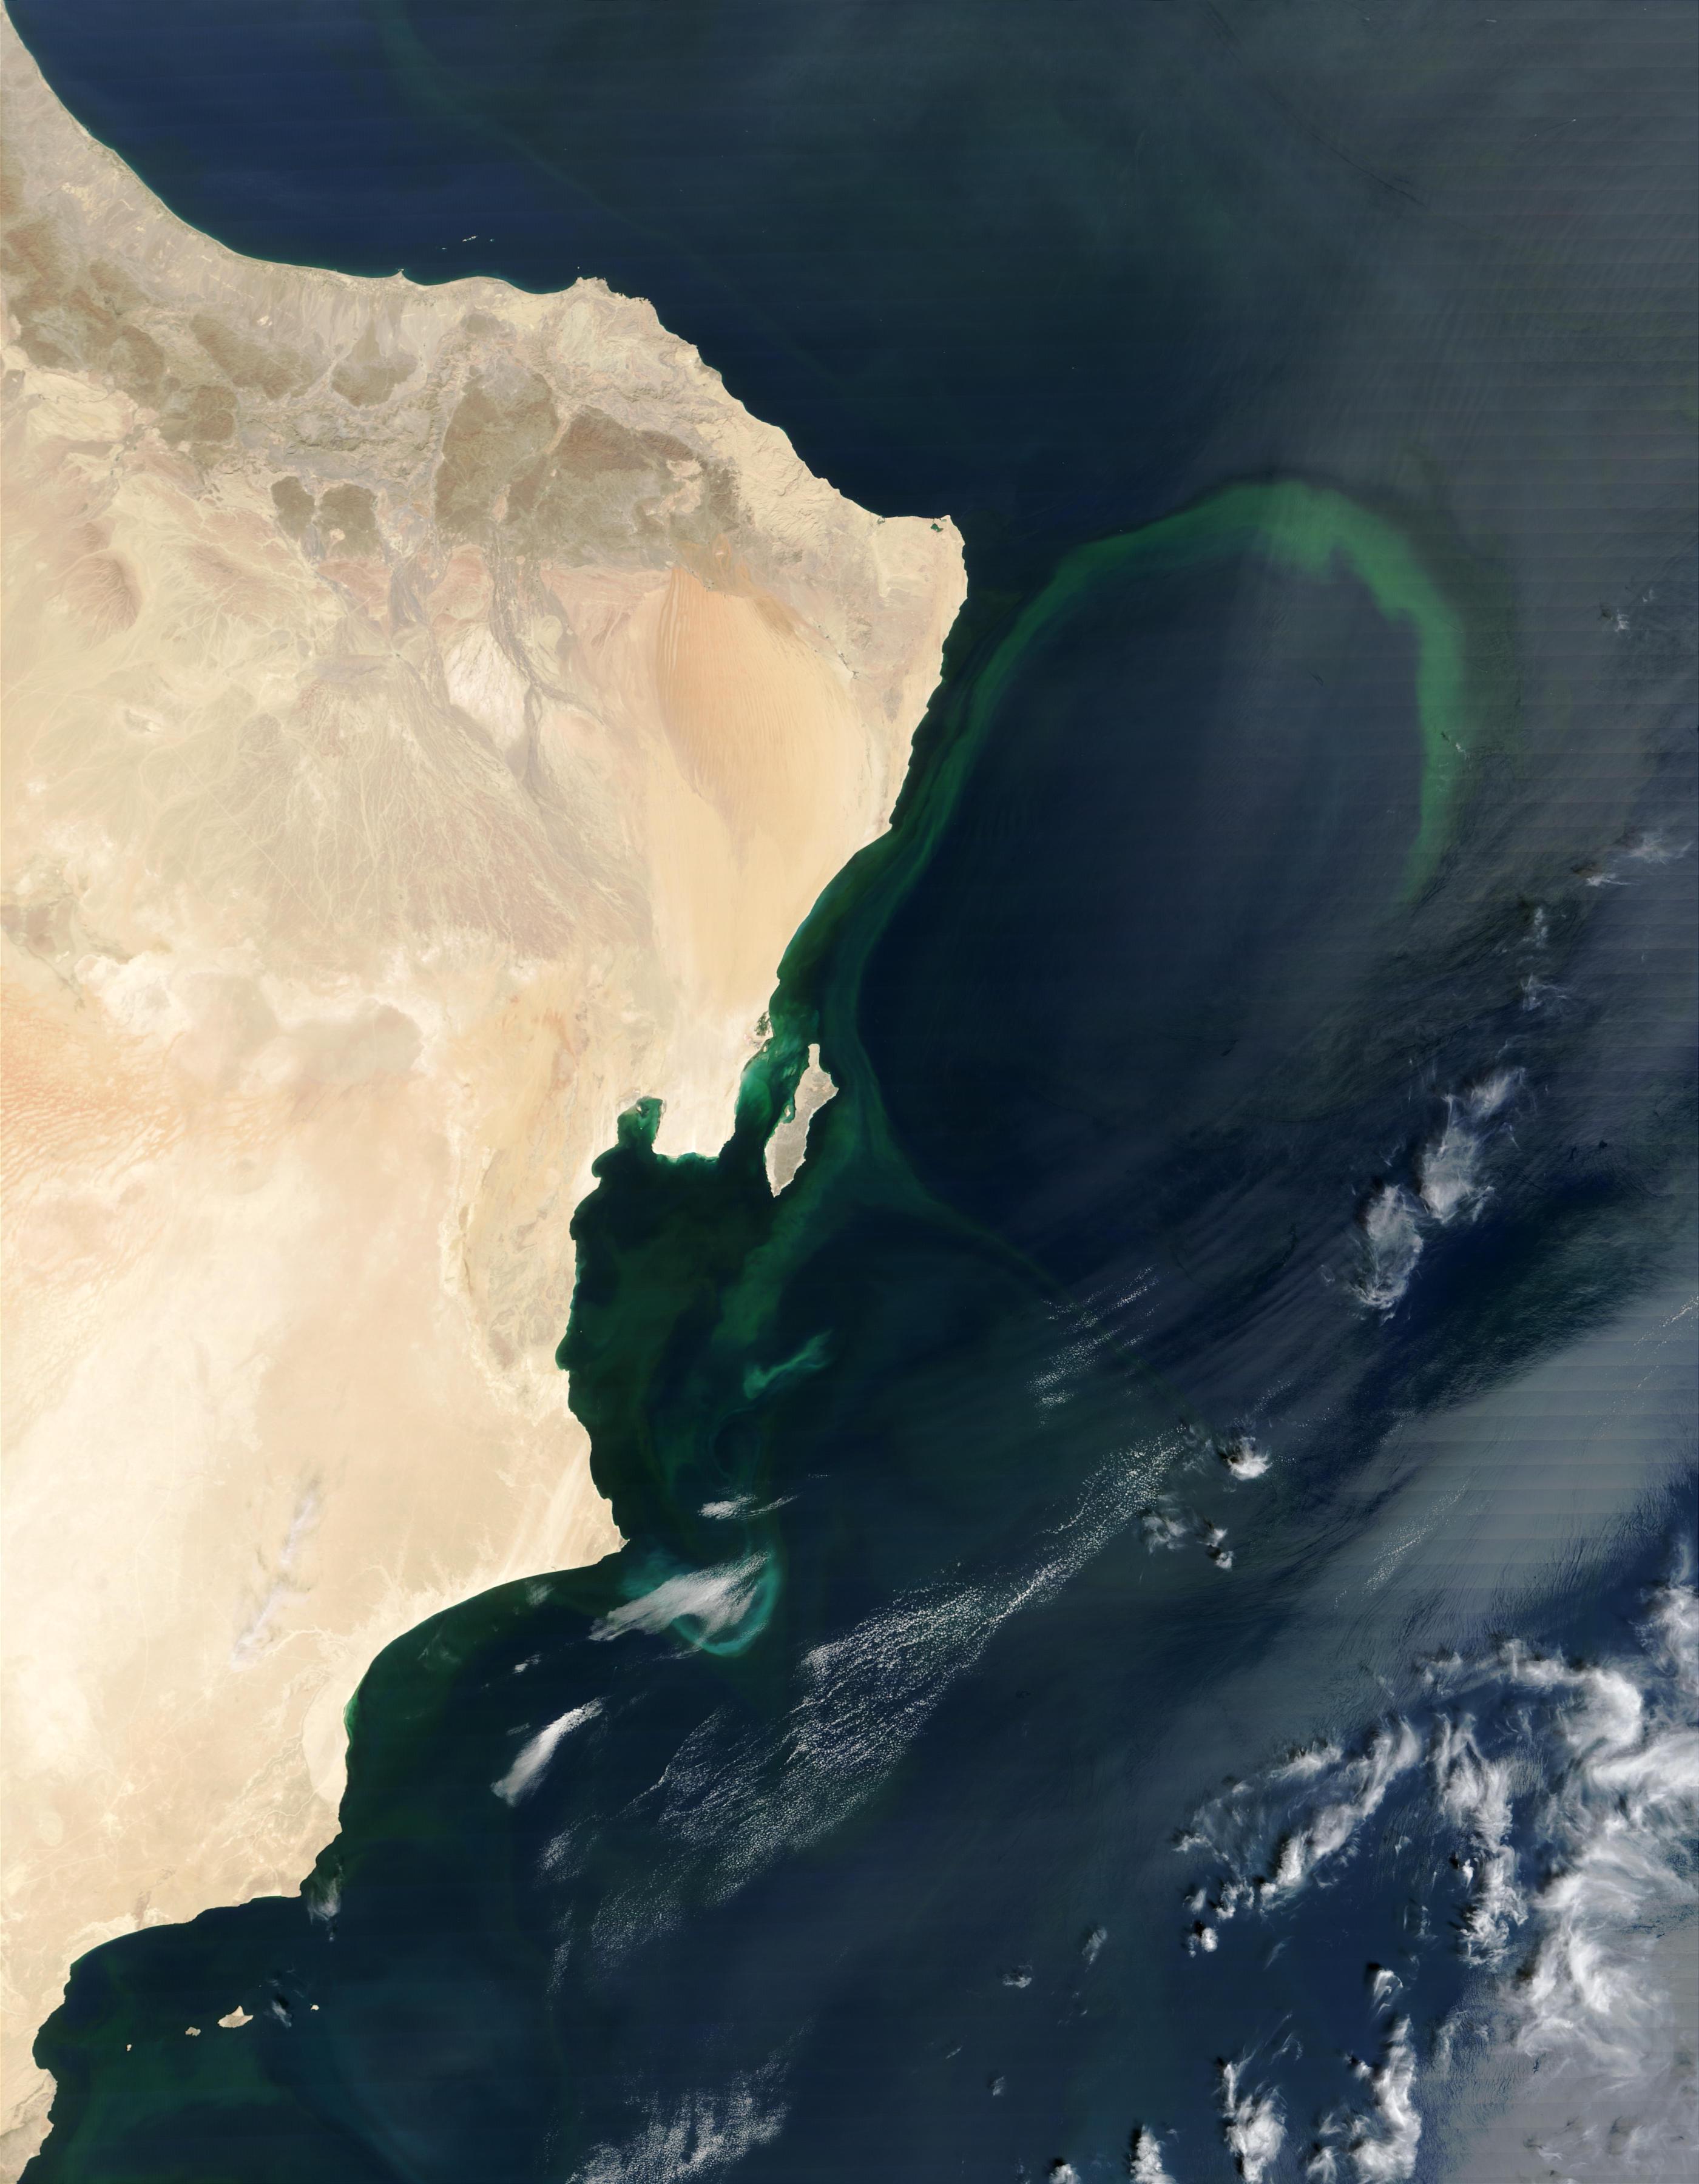 Aguas verdes cerca de Omán en el Mar Arábigo